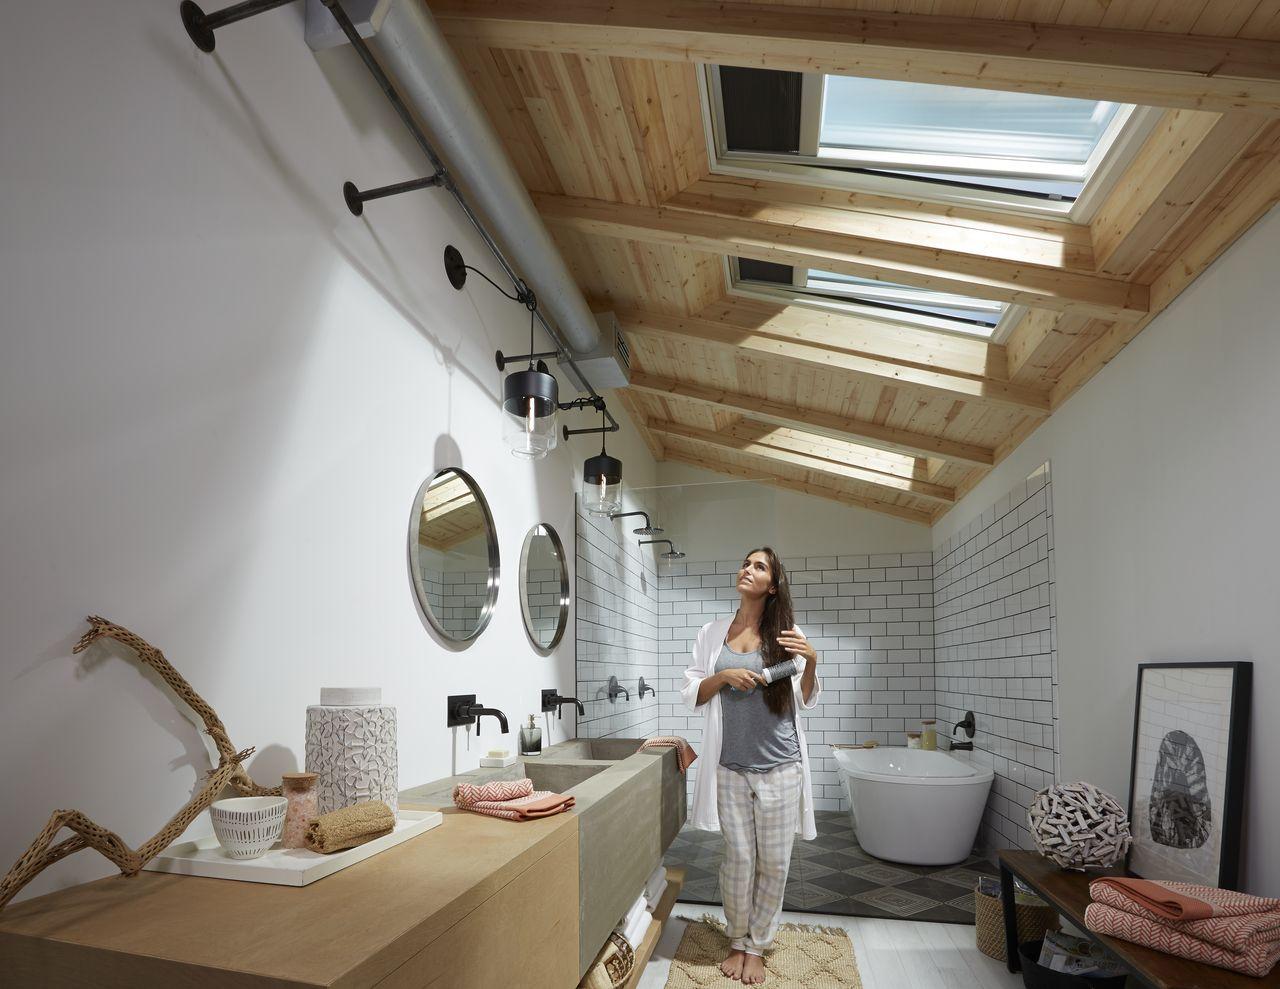 Toilette Unter Dachflachenfenster Dachflachenfenster Badezimmer Dachschrage Dachfenster